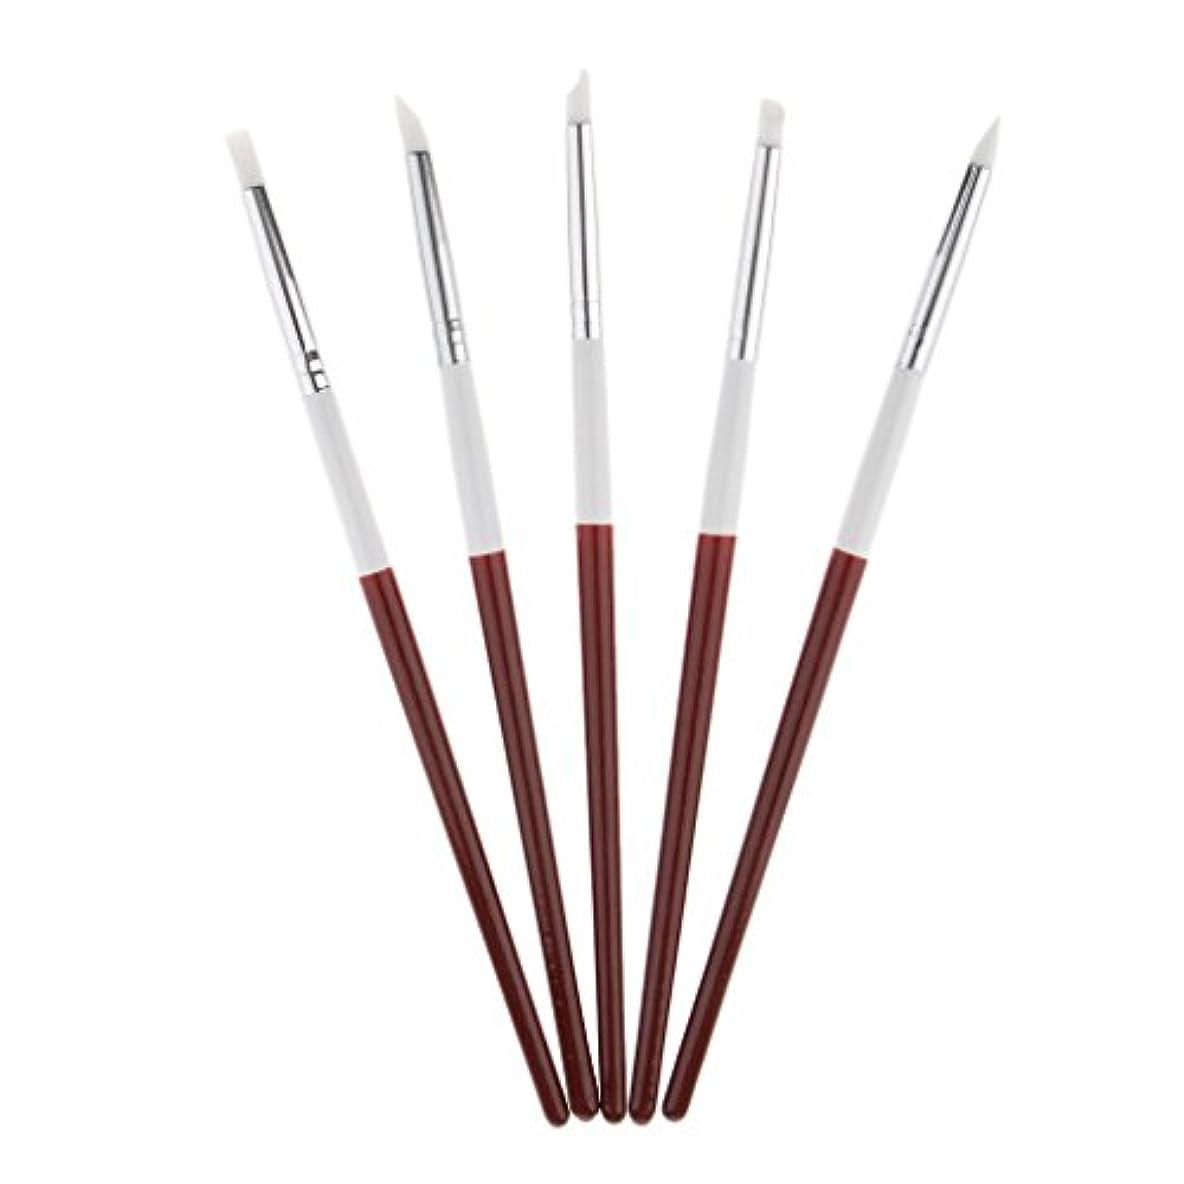 圧力撤退ベッド5本 ネイルアートペン ネイルブラシ ネイル ブラシ 絵画 彫刻ペン シリコンヘッド 3タイプ選べる - 18.5cm